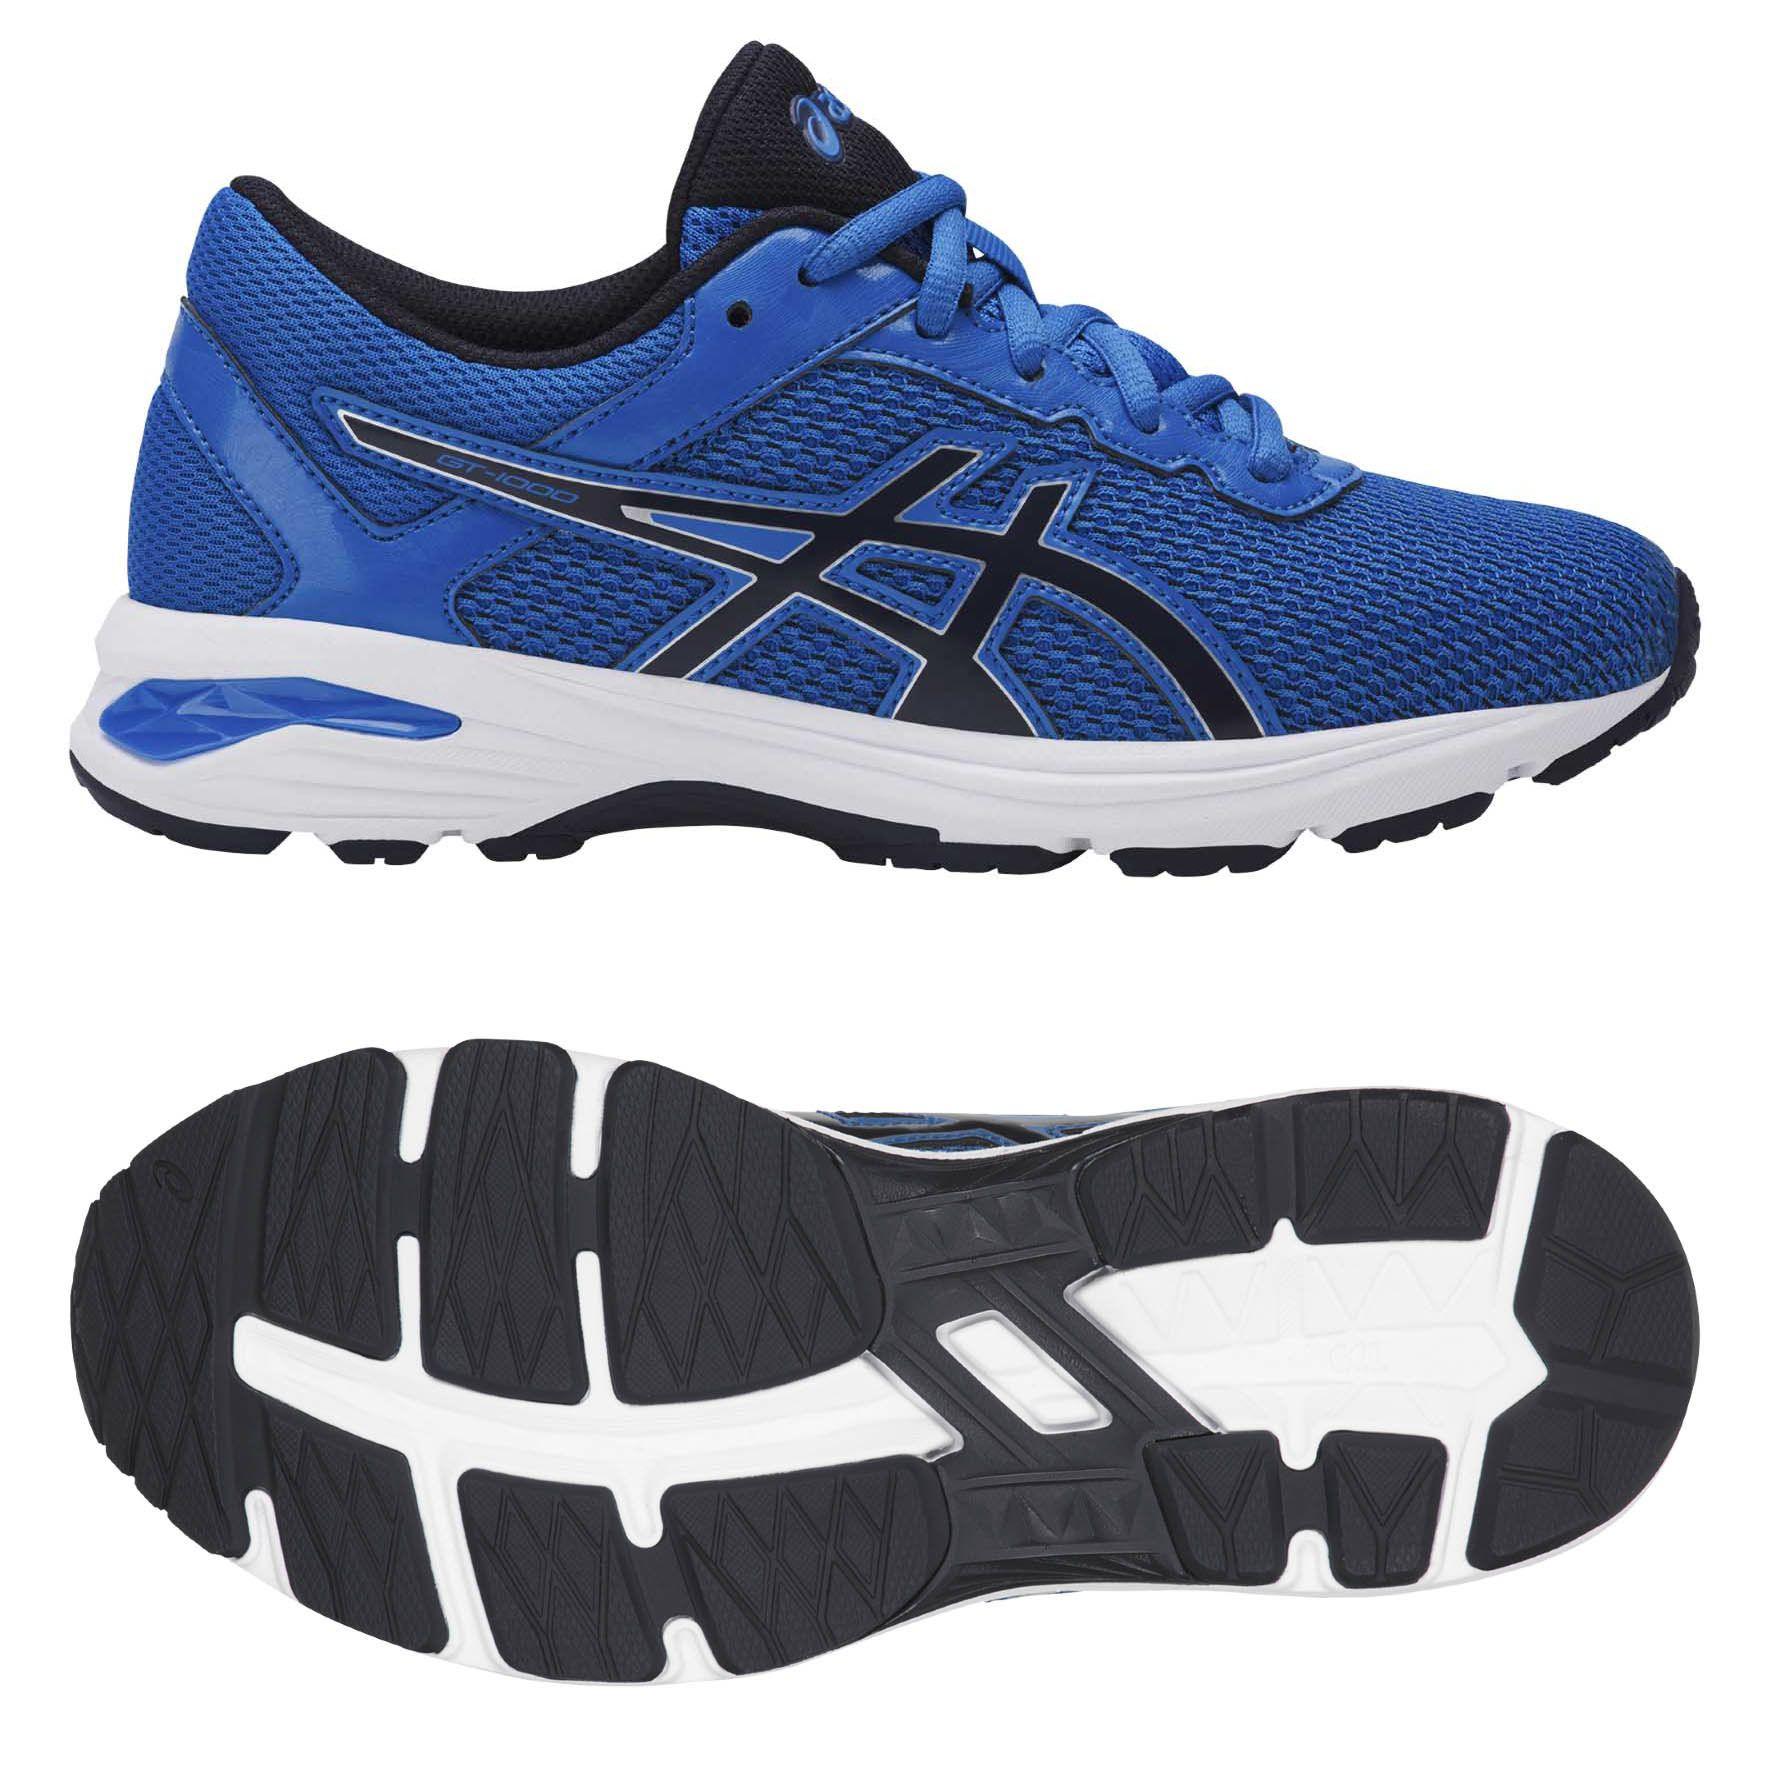 Asics Gt 1000 6 Gs Boys Running Shoes Sweatband Com